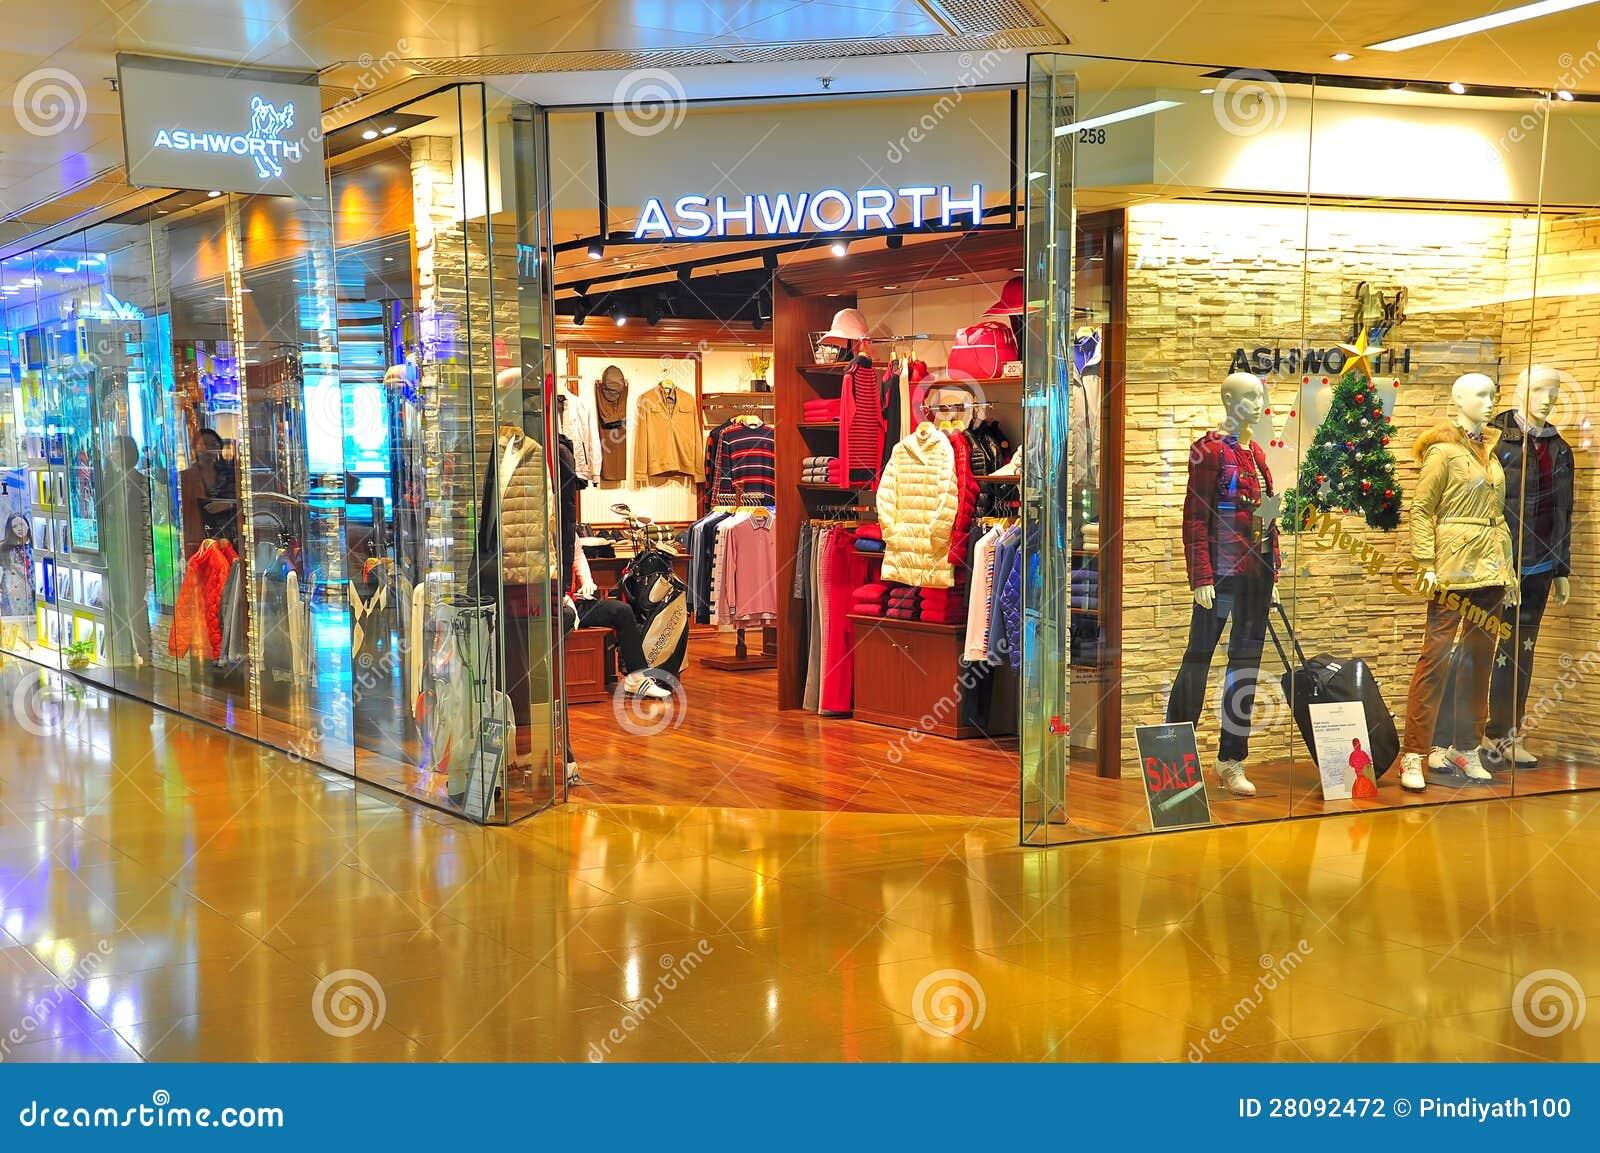 Habit de travail. Tout montrer Habit de travail La boutique en ligne offrant le plus grand choix de linge de lit design et de marque. En exclusivité pour les clients Lehner. 20% de rabais (livraison + montage inclus). Garantie. Notre appartenance à l'ASVAD, l'Association Suisse de Vente à Distance, vous garantit des achats en ligne.